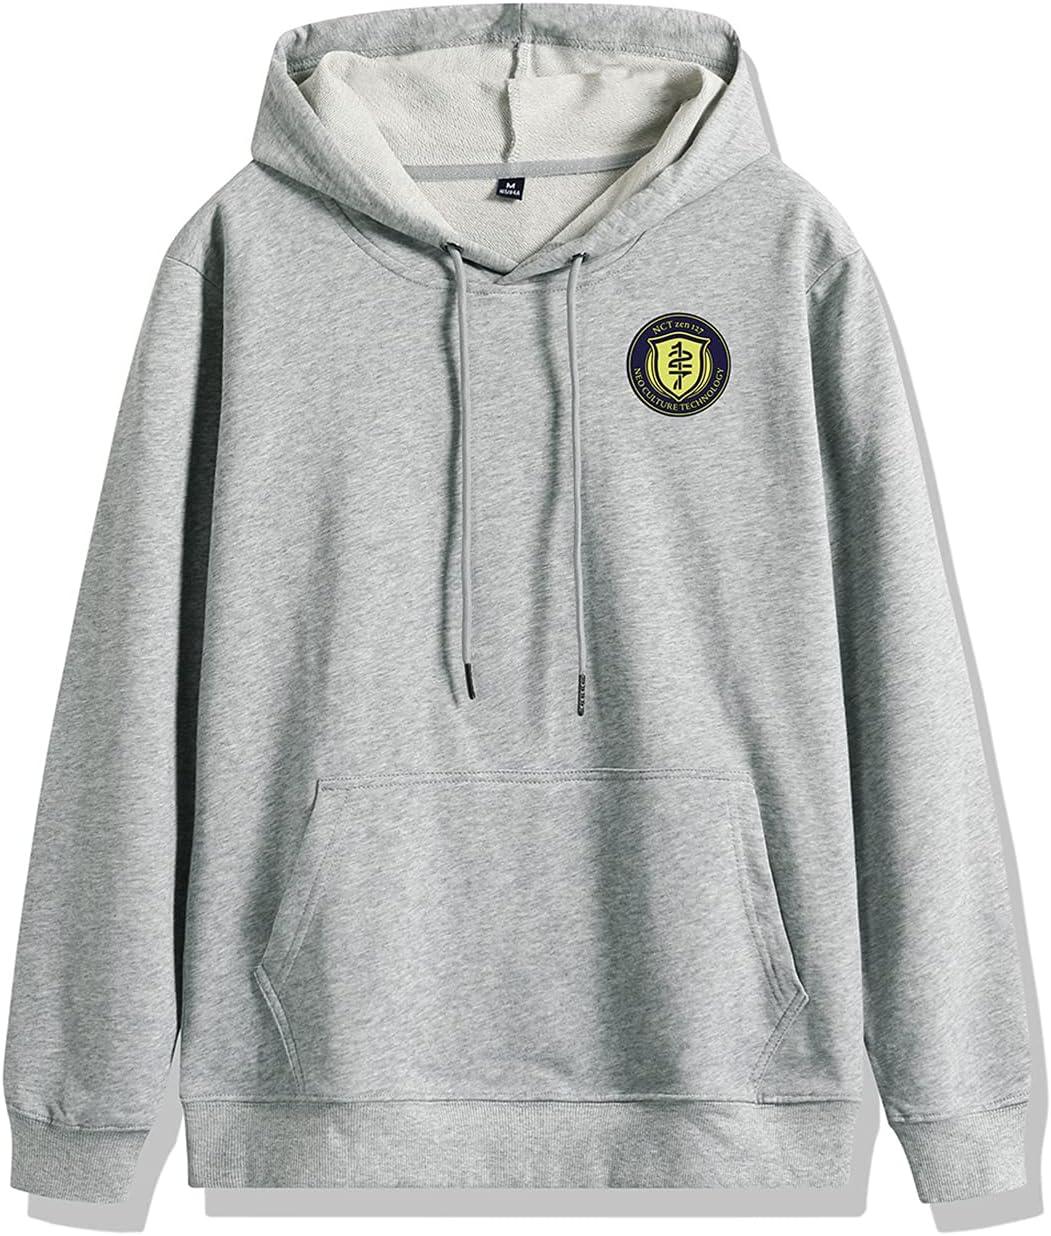 NCT 127 Hoodie, Kpop - Sudadera con capucha gruesa para mujer, disfraz de apoyo para fanáticos